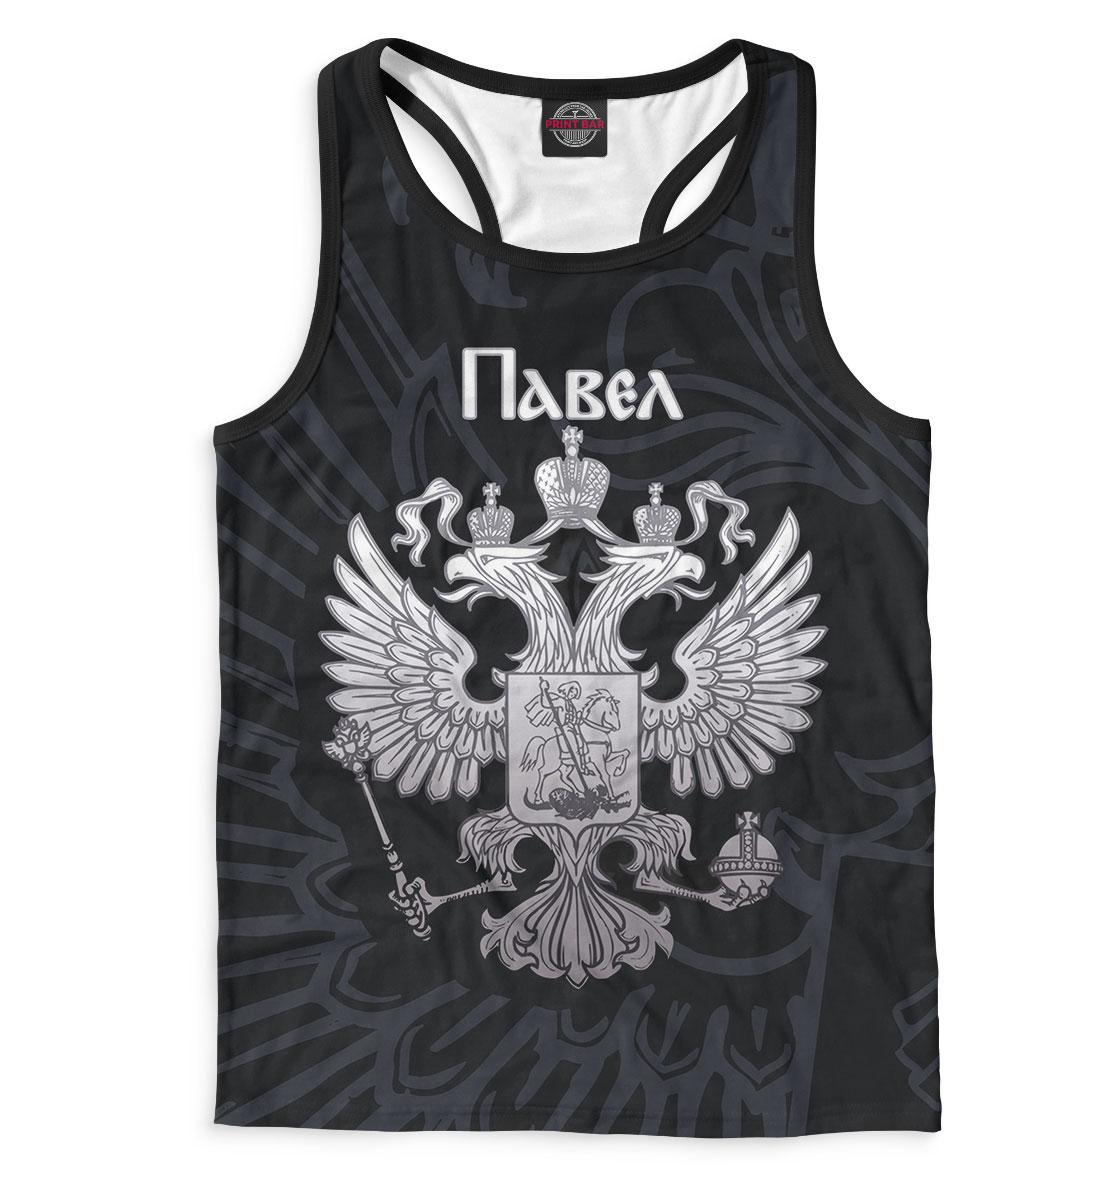 Купить Павел, Printbar, Майки борцовки, PVL-424227-mayb-2